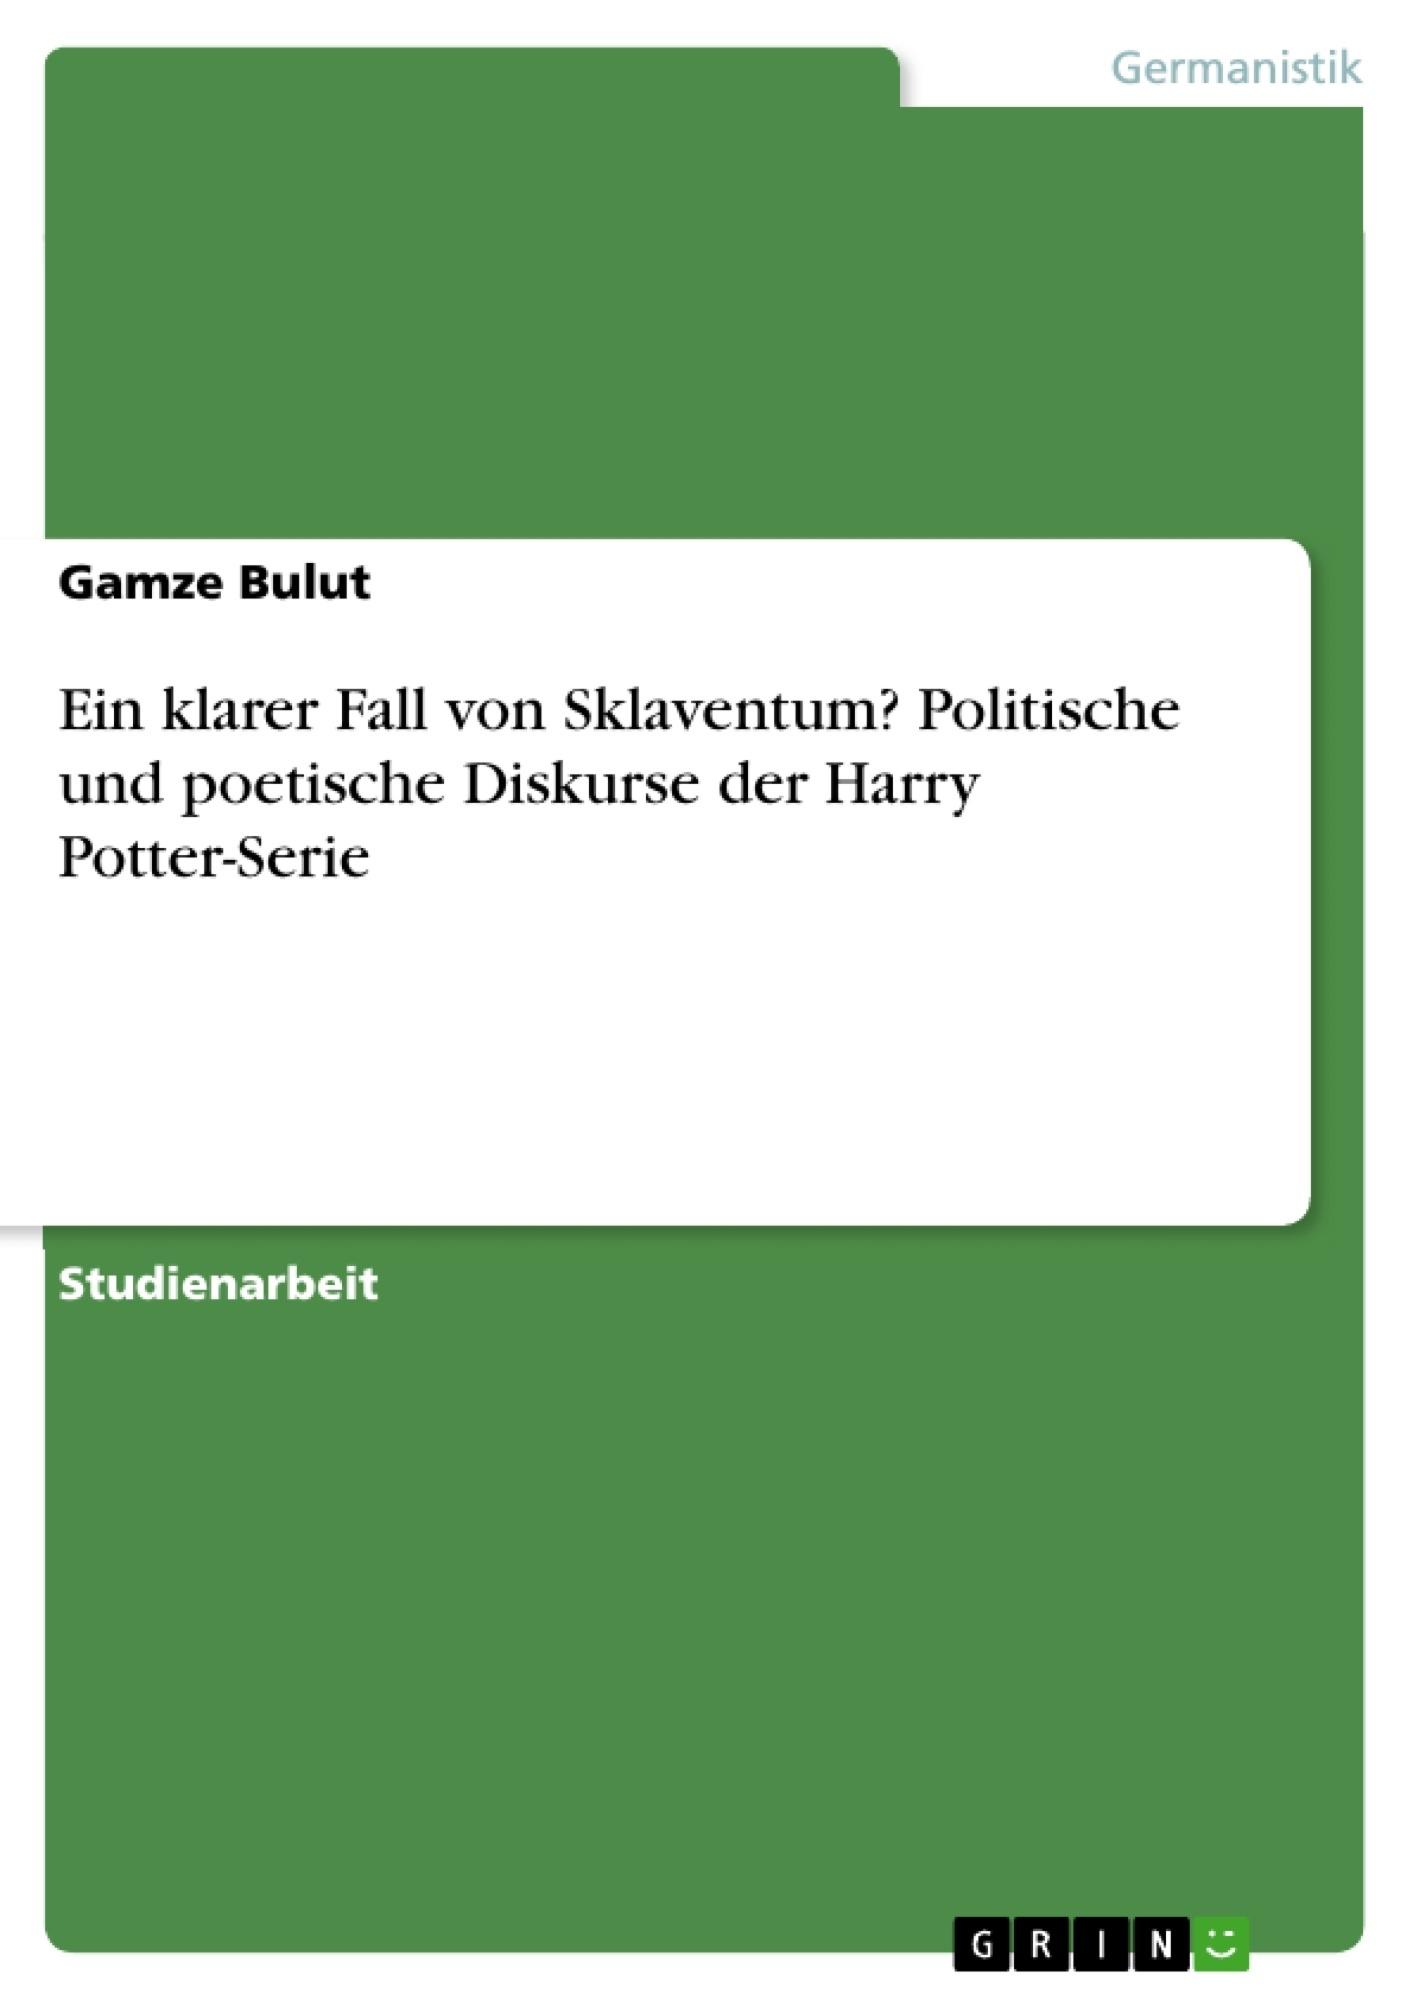 Titel: Ein klarer Fall von Sklaventum? Politische und poetische Diskurse der Harry Potter-Serie